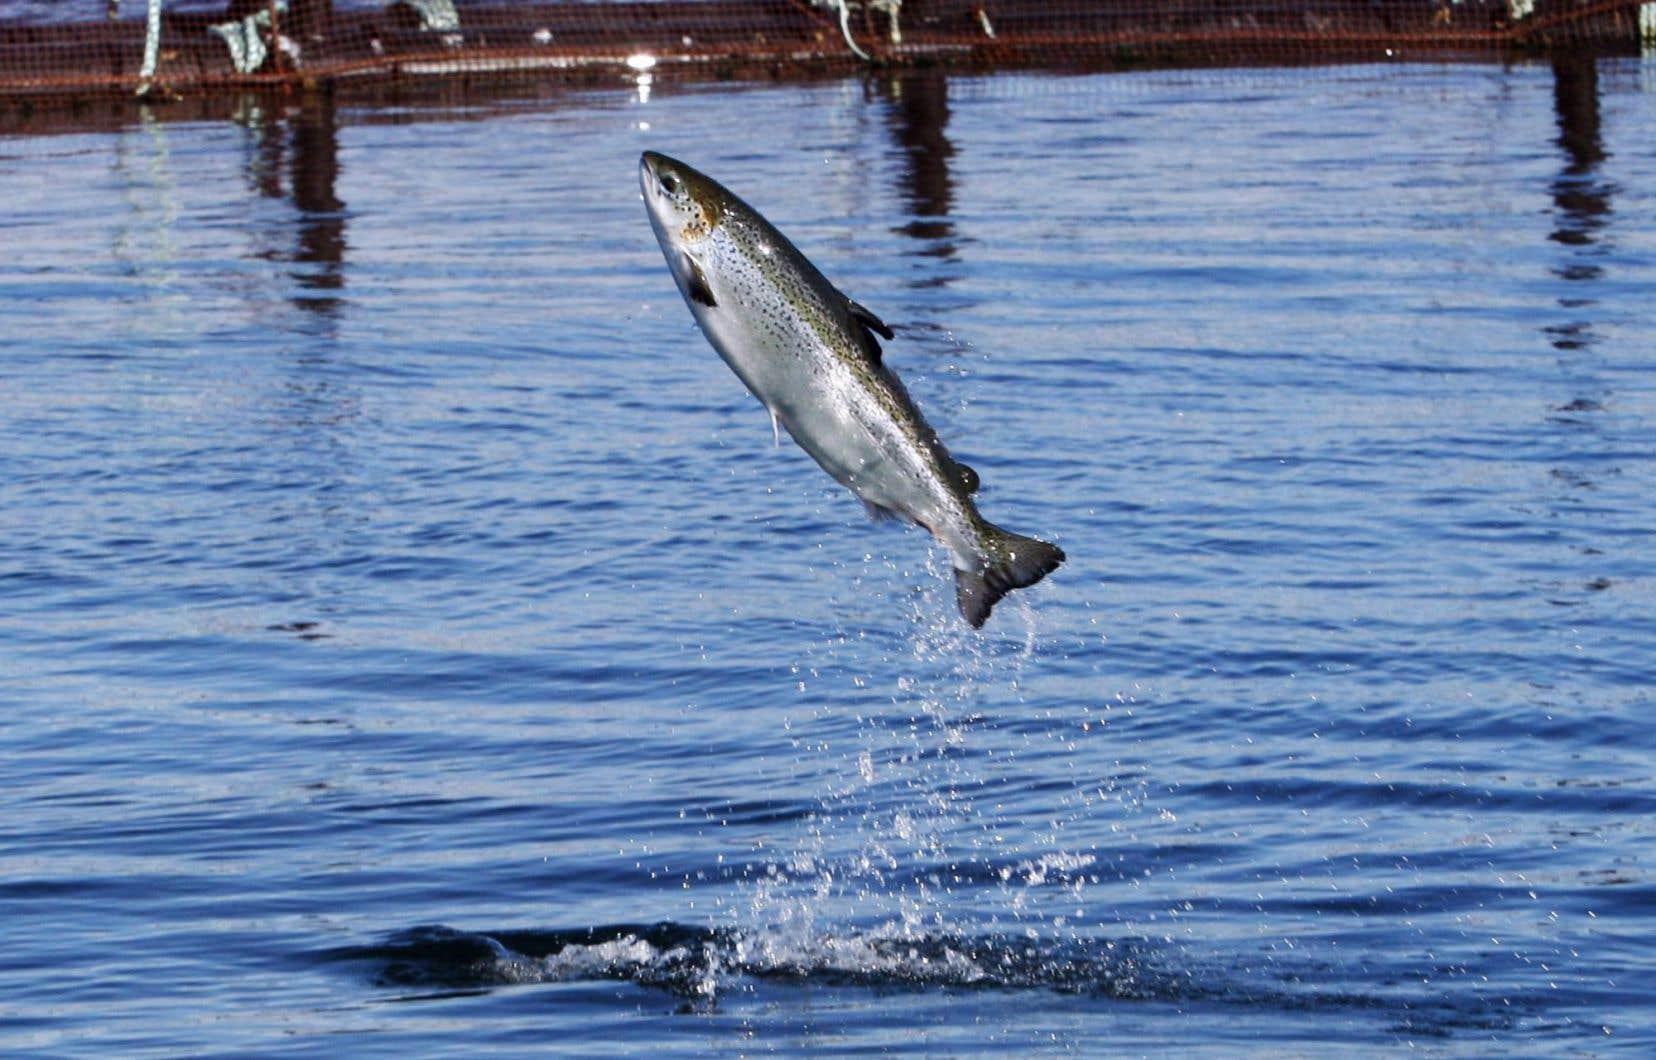 Le gouvernement fédéral ne ferme pas la porte à la production de saumons génétiquement modifiés pour consommation humaine dans l'Île-du-Prince-Édouard.